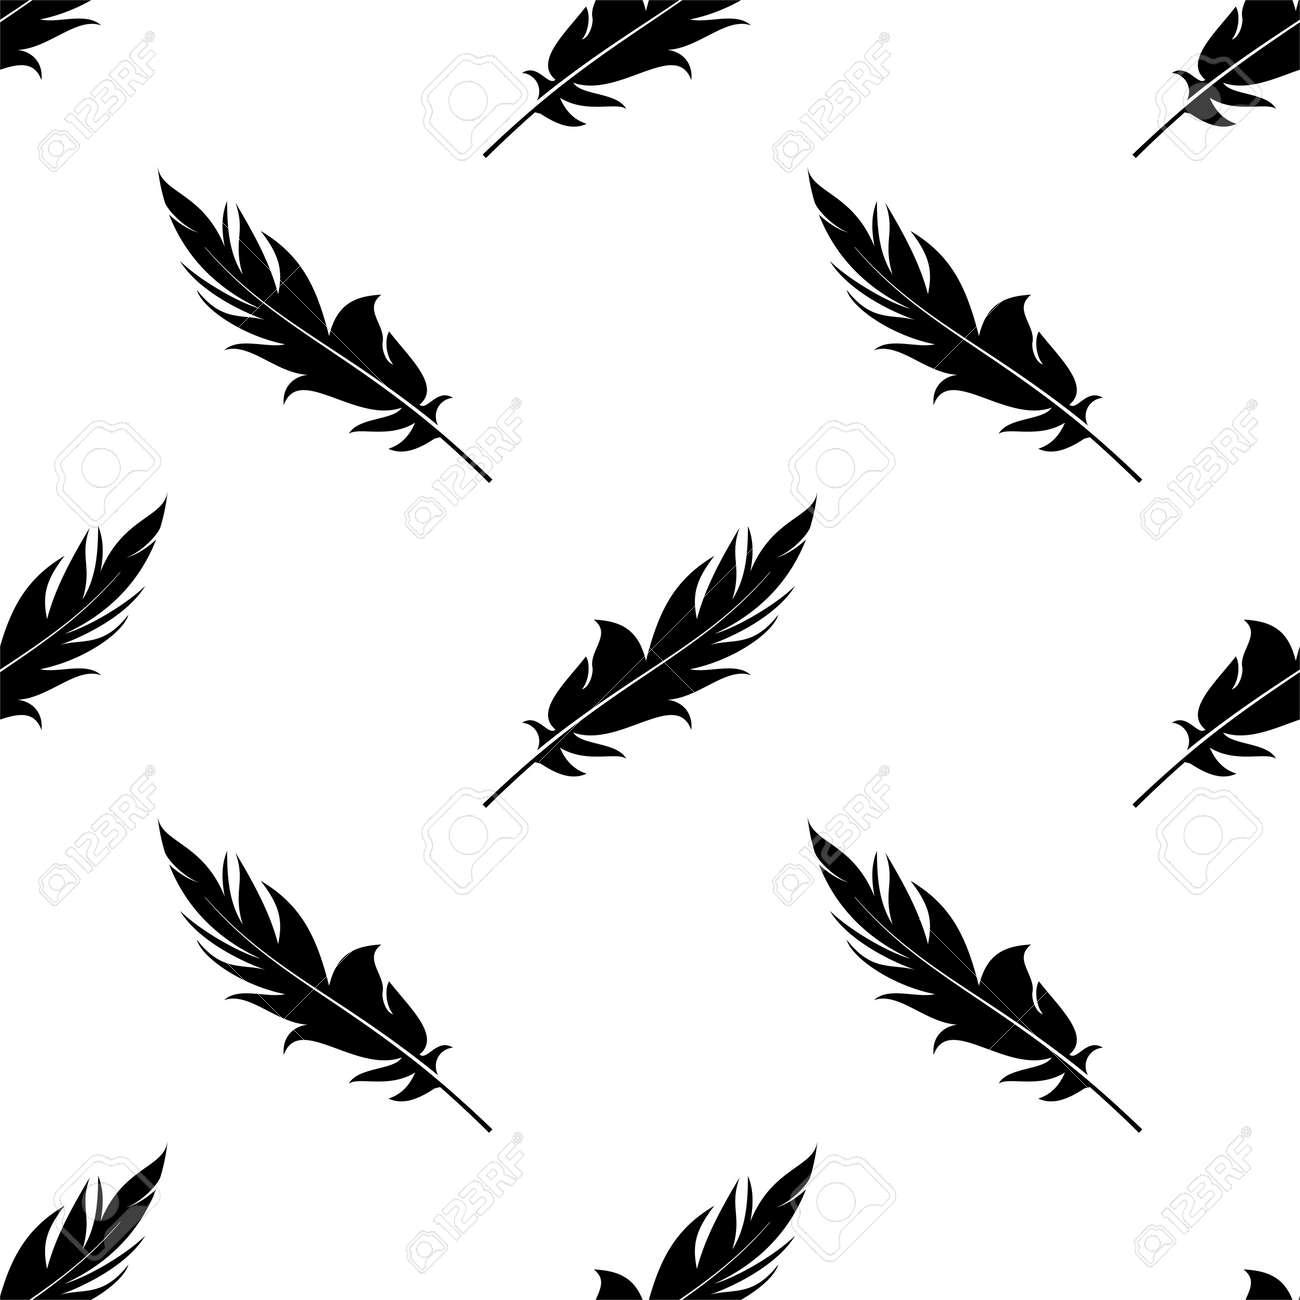 Feather Icon Seamless Pattern Vector Art Illustration - 148090782